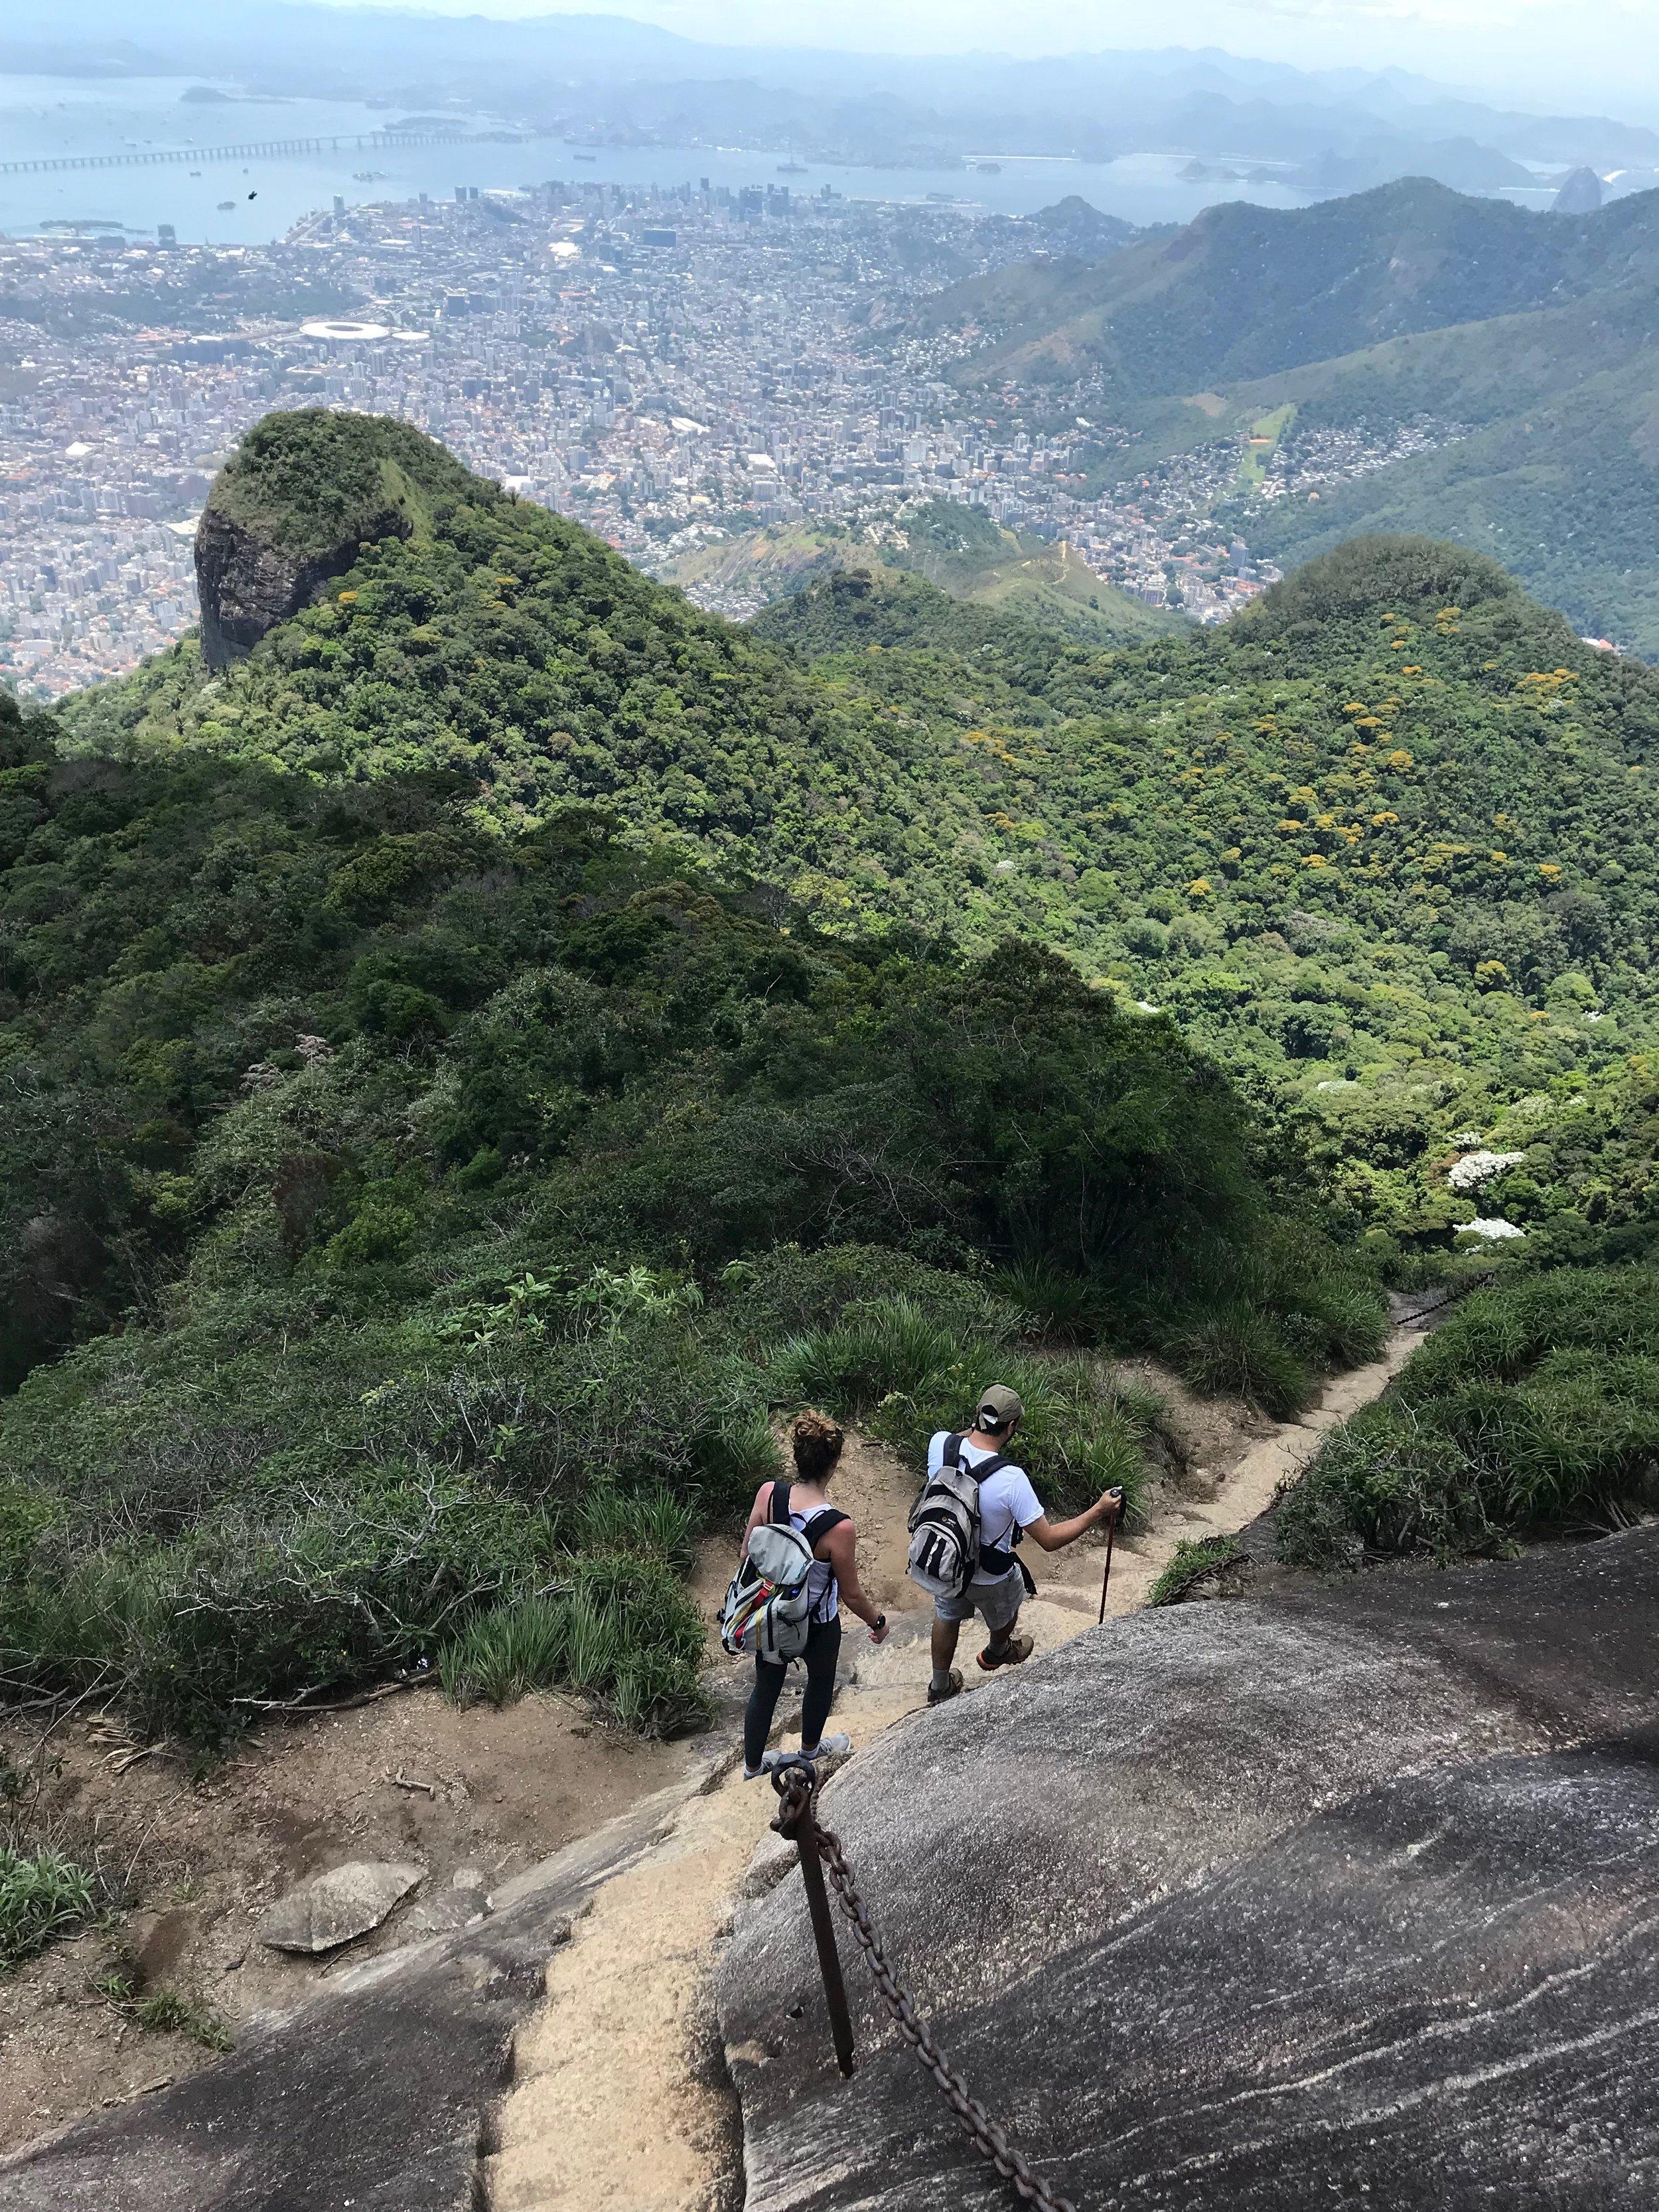 Hiking in Rio de Janeiro, Brazil